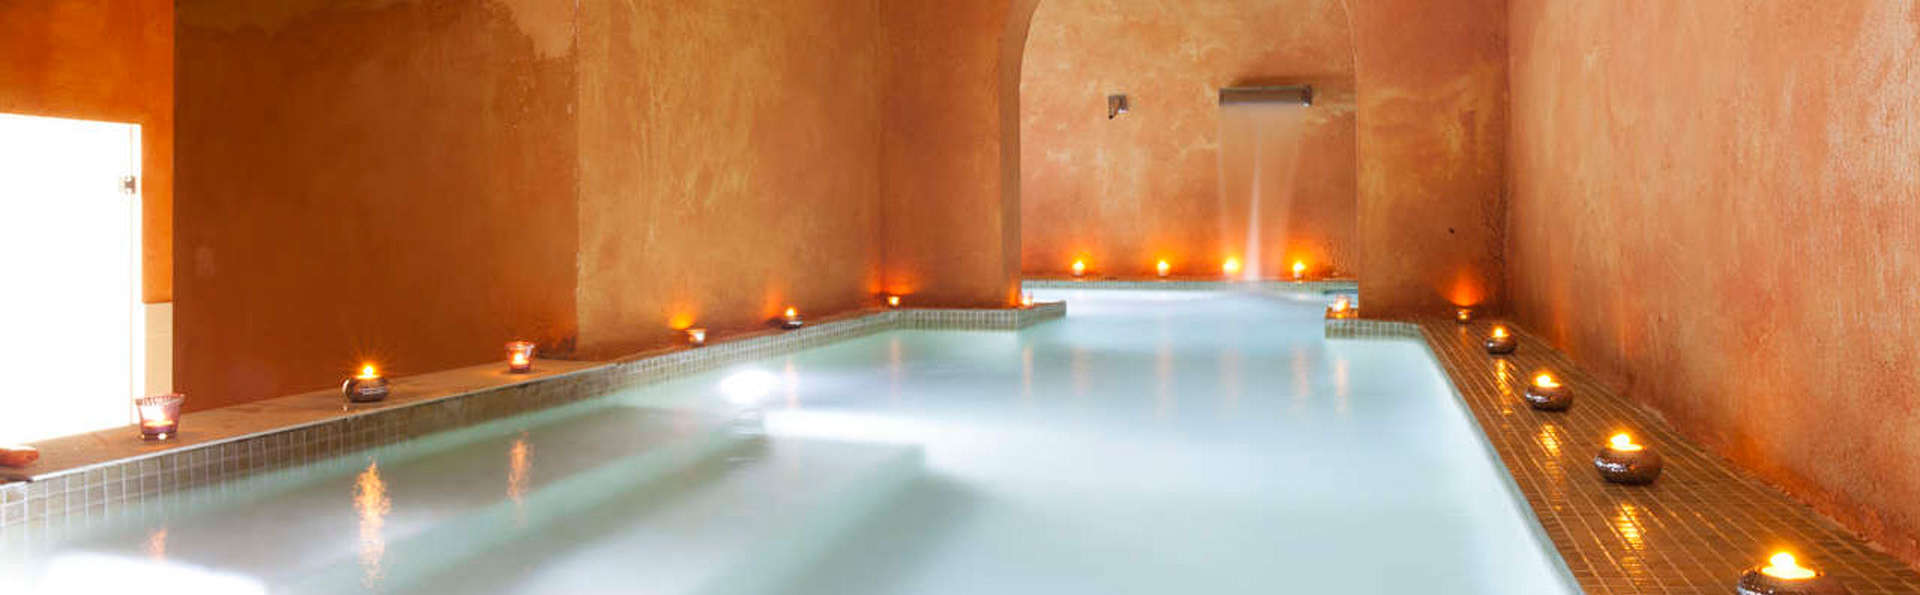 Luxe belevenis: ontspan in een luxe hotel aan de Costa Brava en geniet van de spasessie